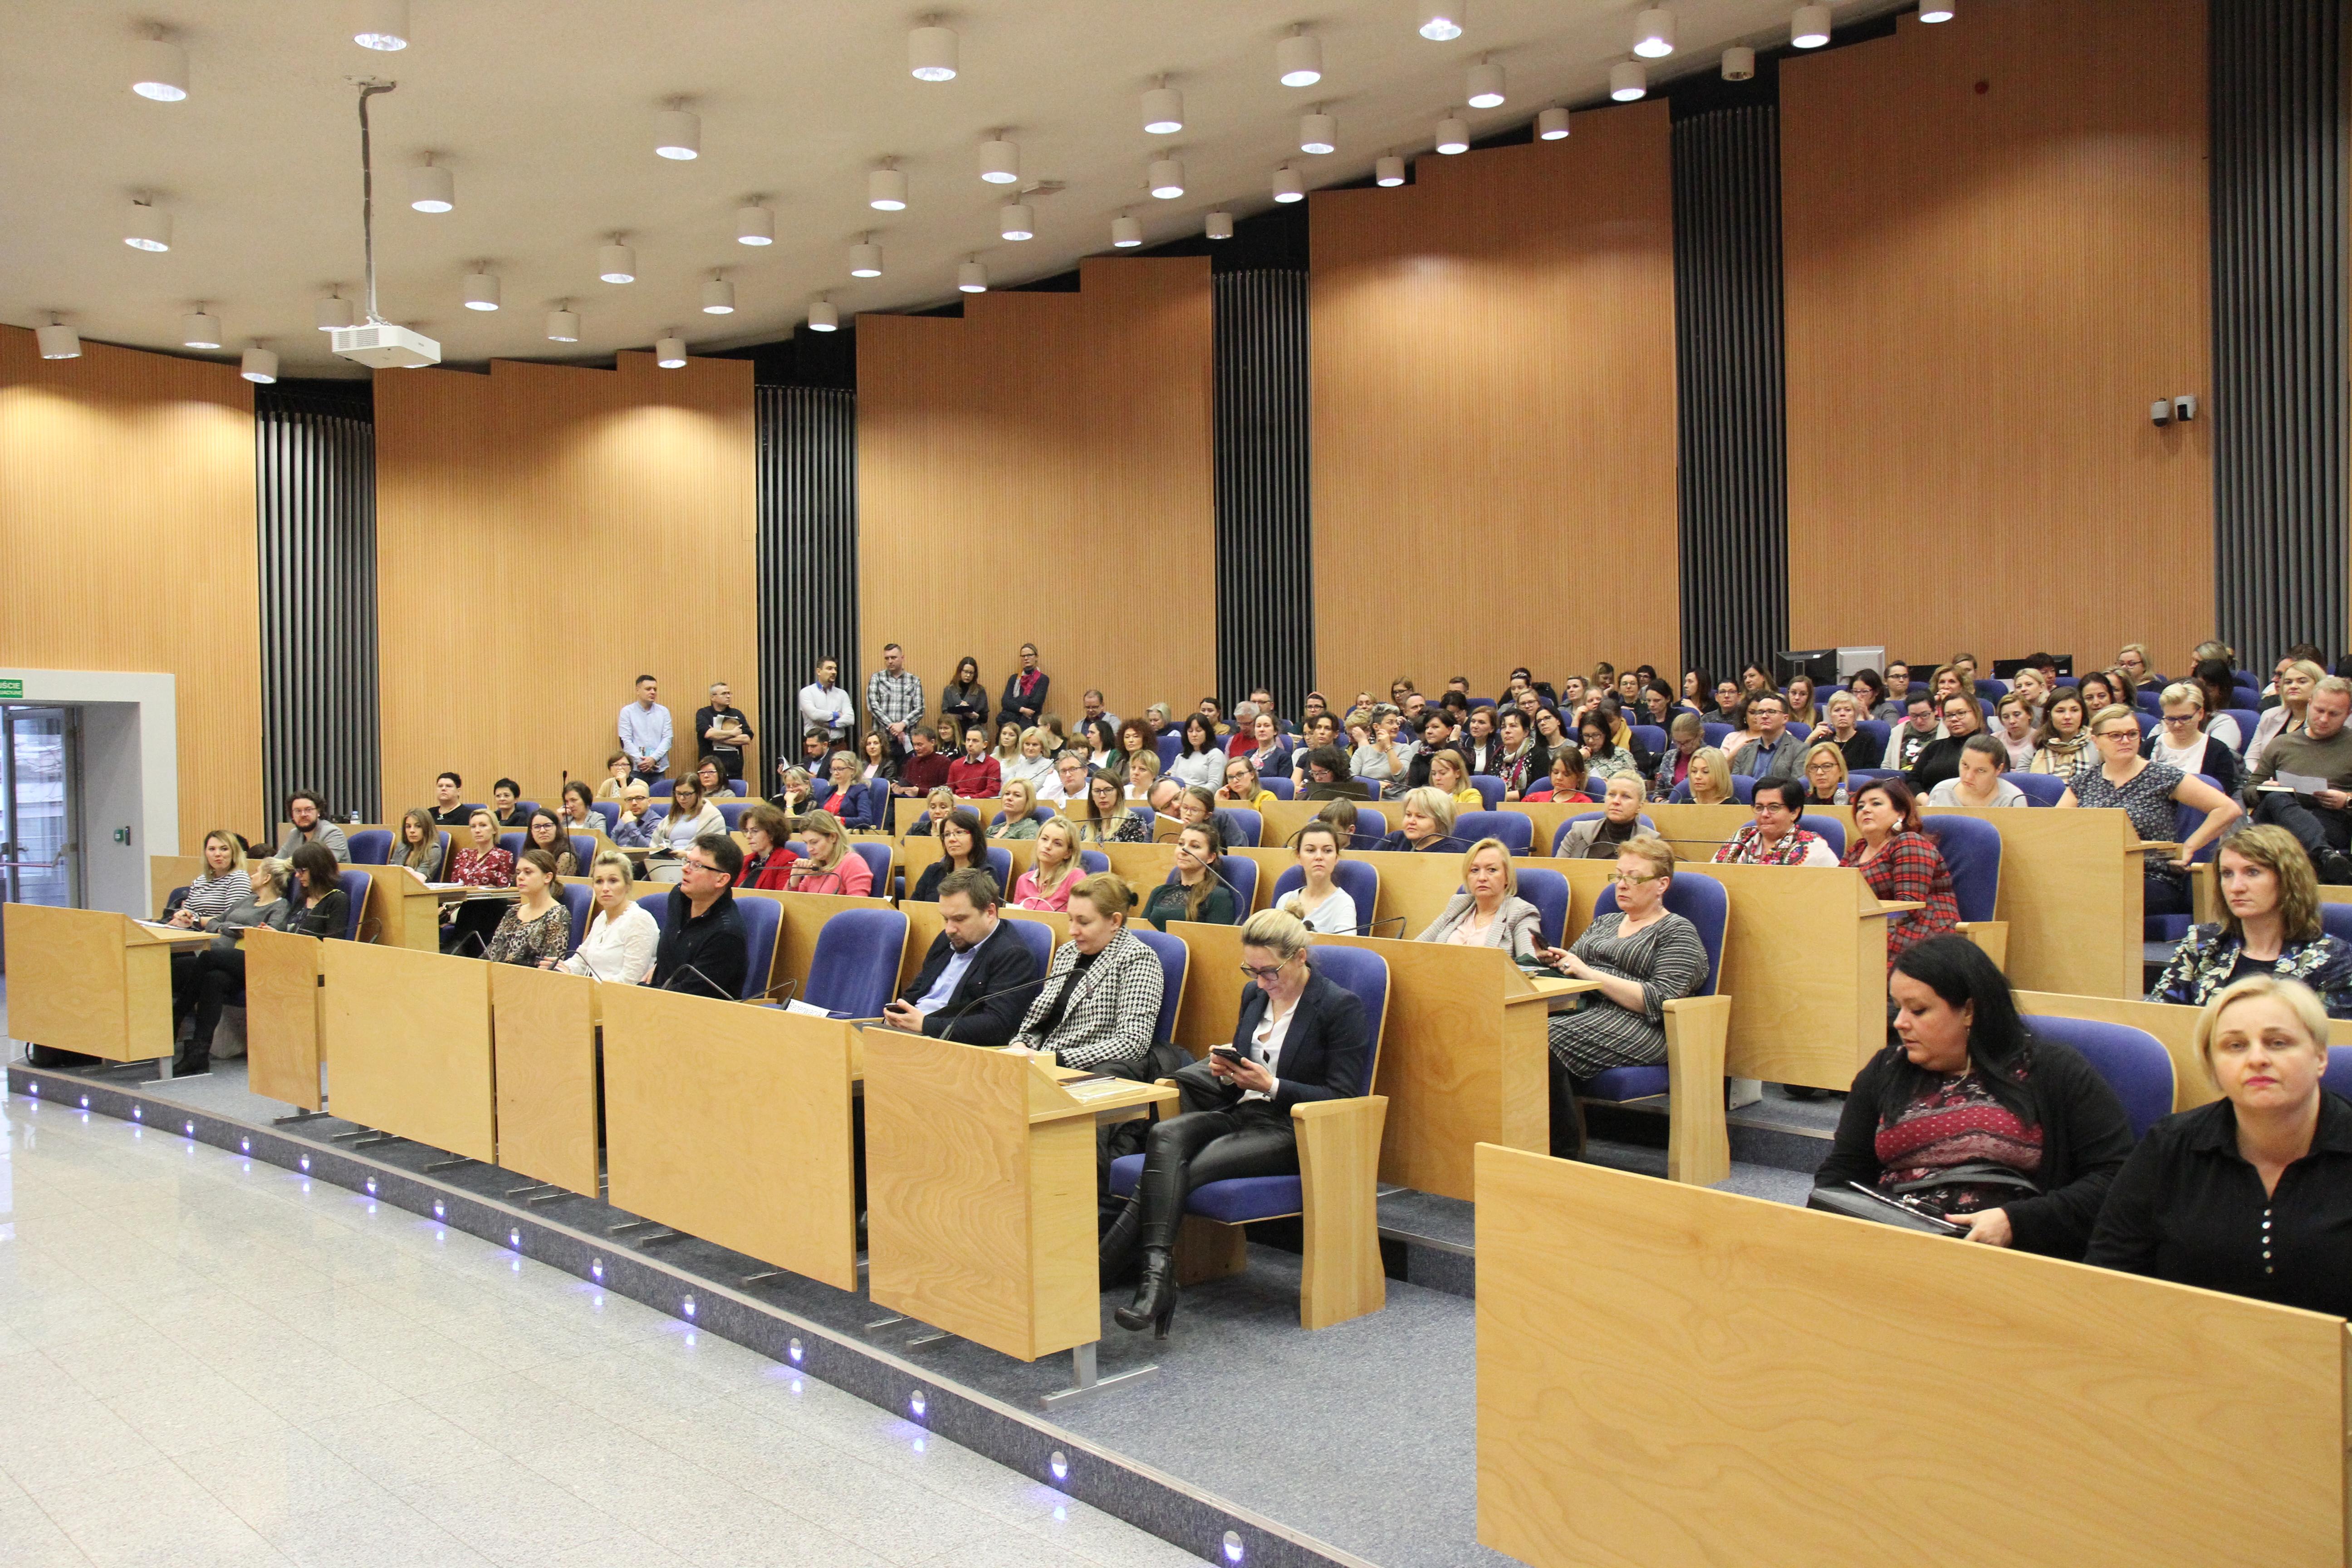 zdjęcia sali z uczestnikami szkolenia 622